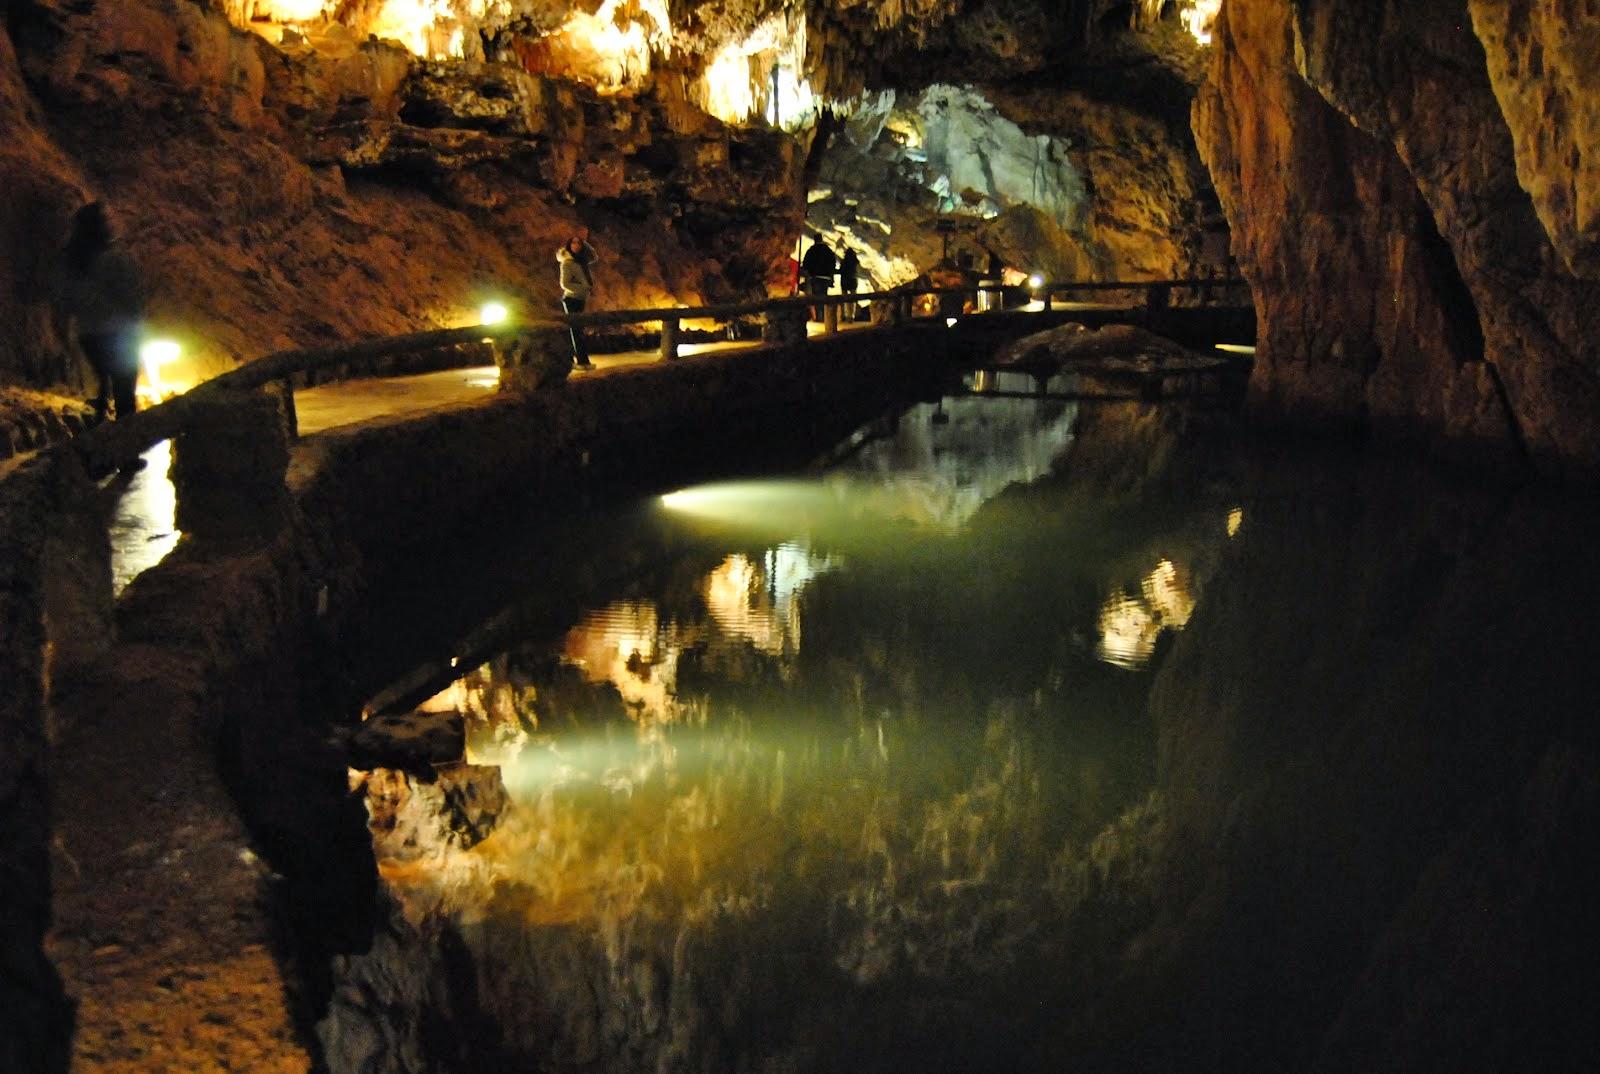 Reparador de estrellas: Cueva de Valporquero, Valporquero de Torío, Vegacerve...